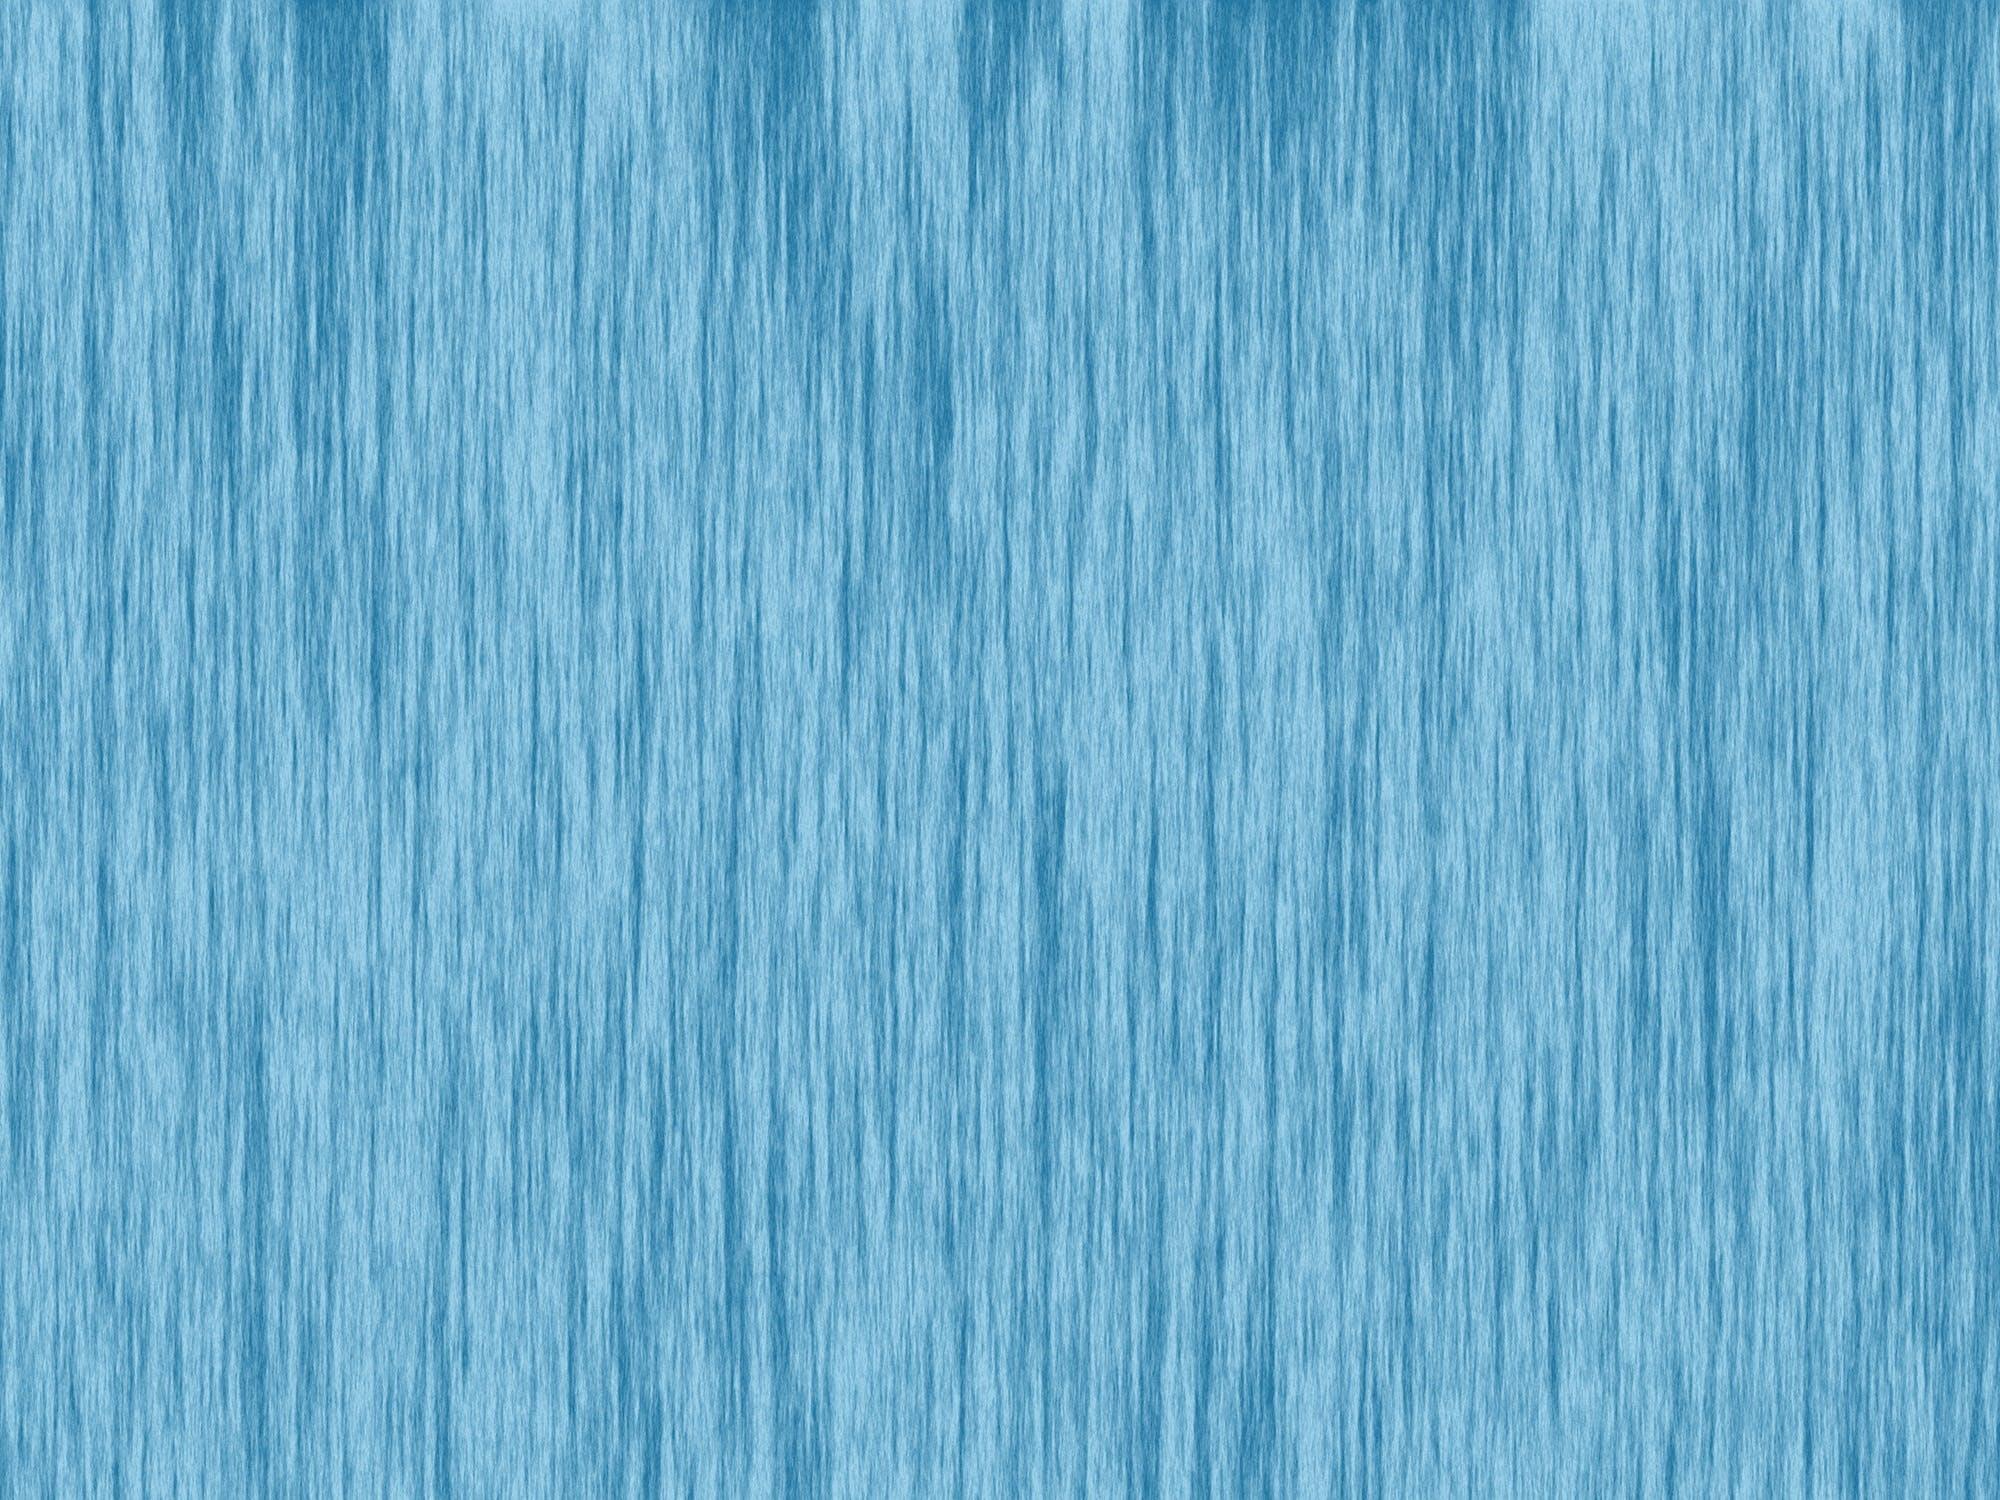 Kostenloses Stock Foto zu blau, design, glatt, hintergrund